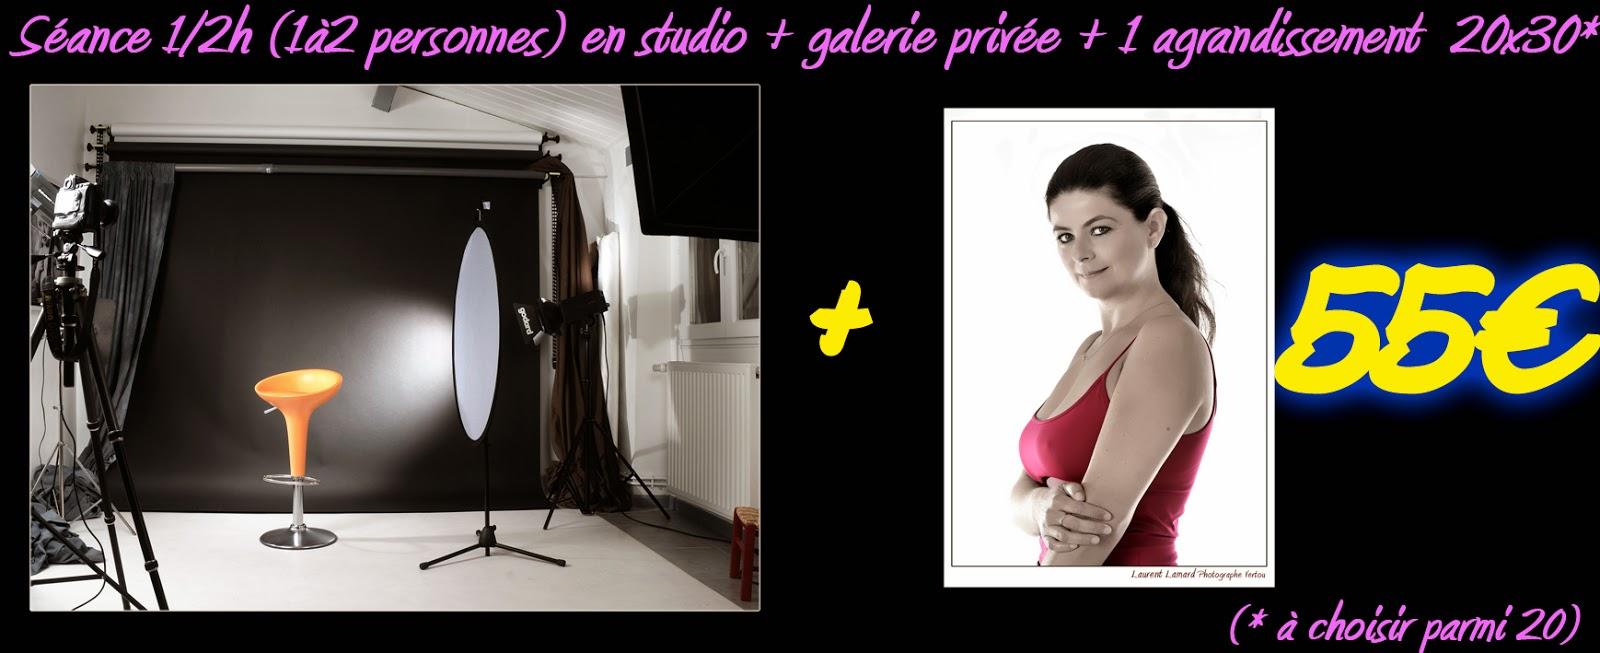 http://www.ouestphoto.fr/